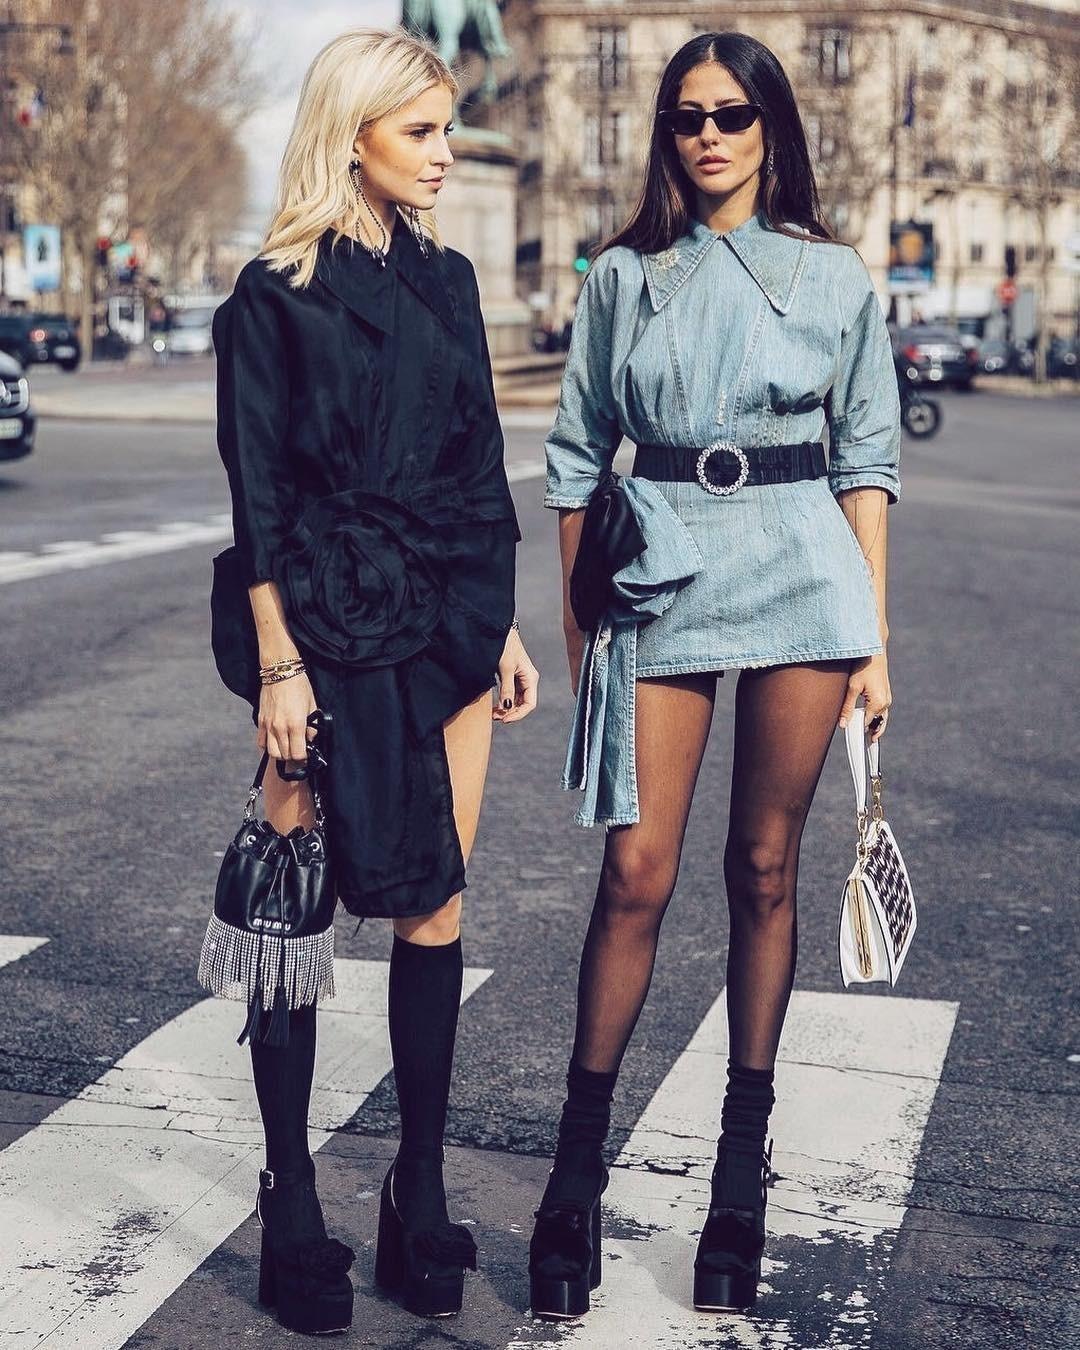 Джинсовый бум: 10 модных платьев из денима